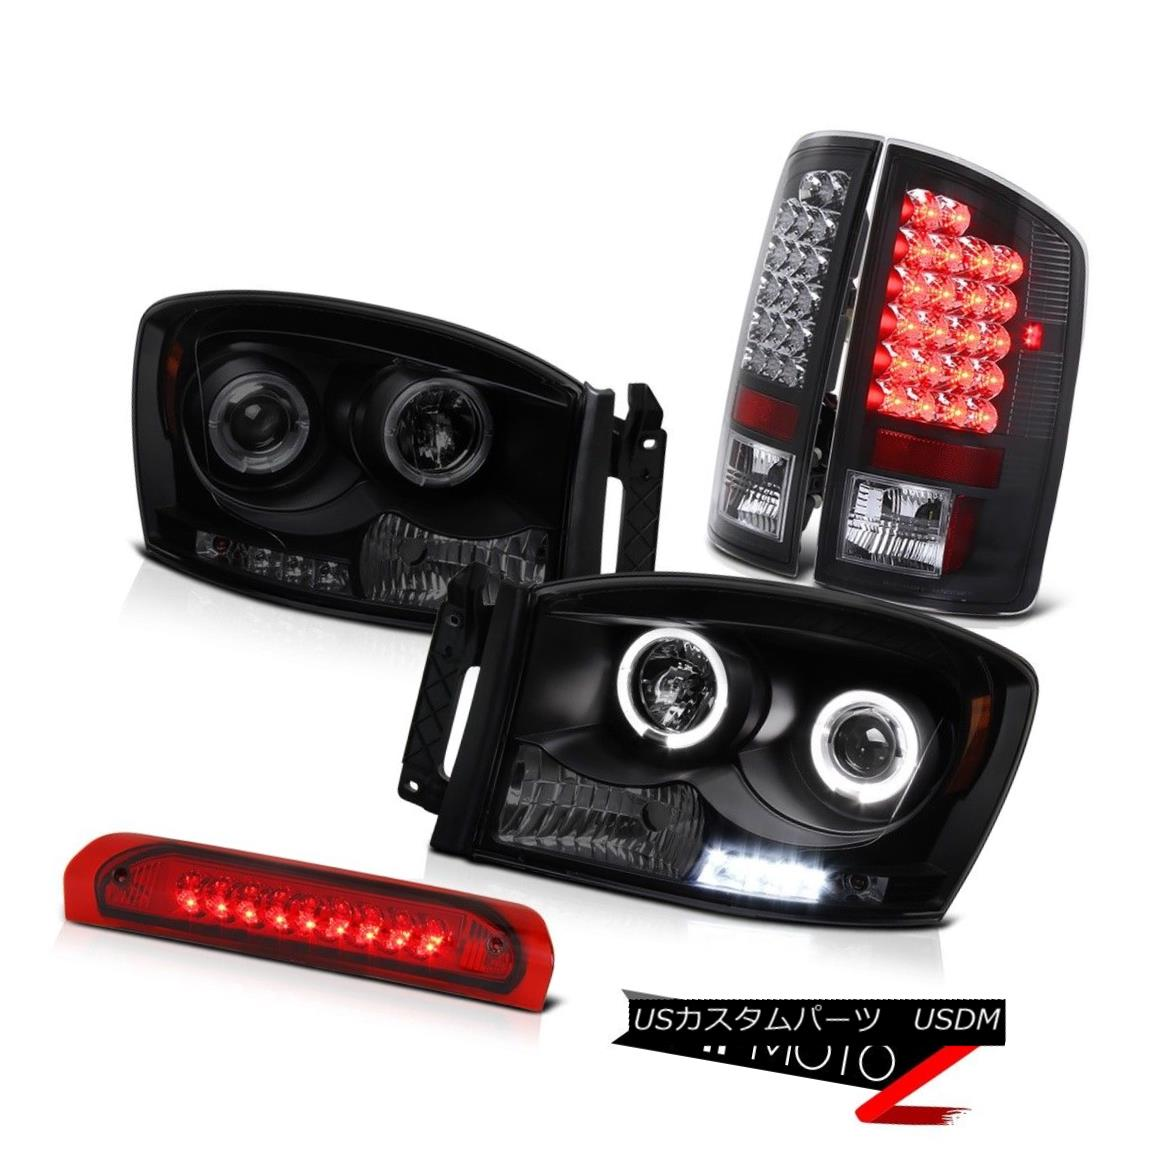 テールライト Sinister Black Headlight Halo SMD Tail Red Third Brake Light LED Ram 5.9L 07 08 シニスターブラックヘッドライトハローSMDテールレッド第3ブレーキライトLEDラム5.9L 07 08